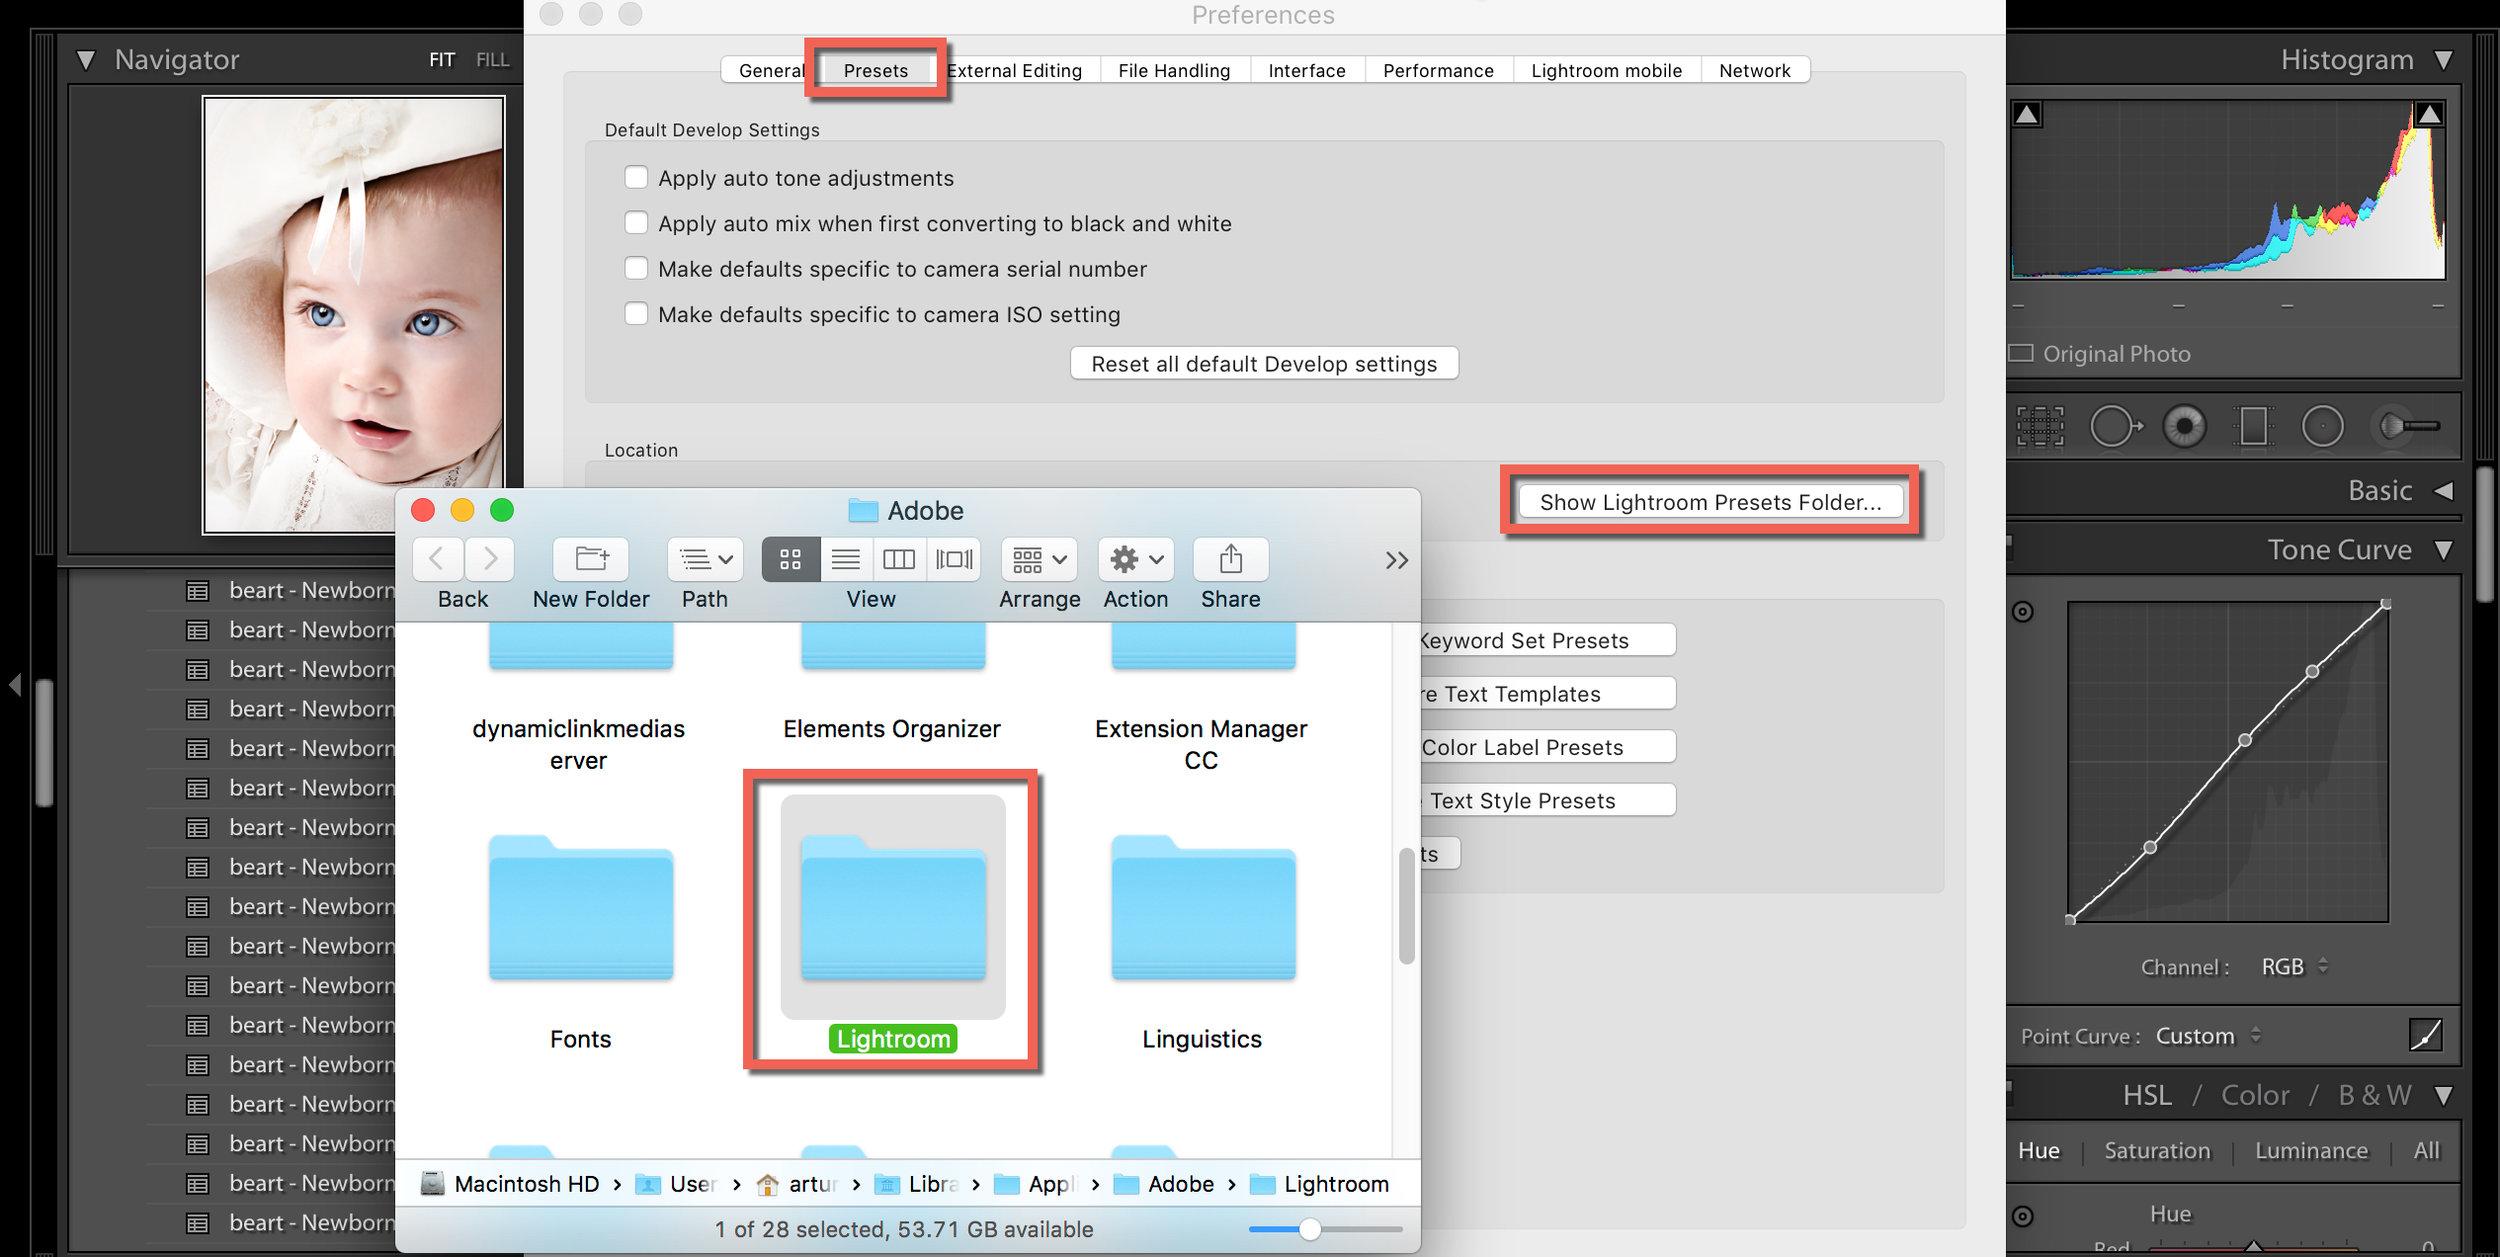 how to save your lightroom presets folder